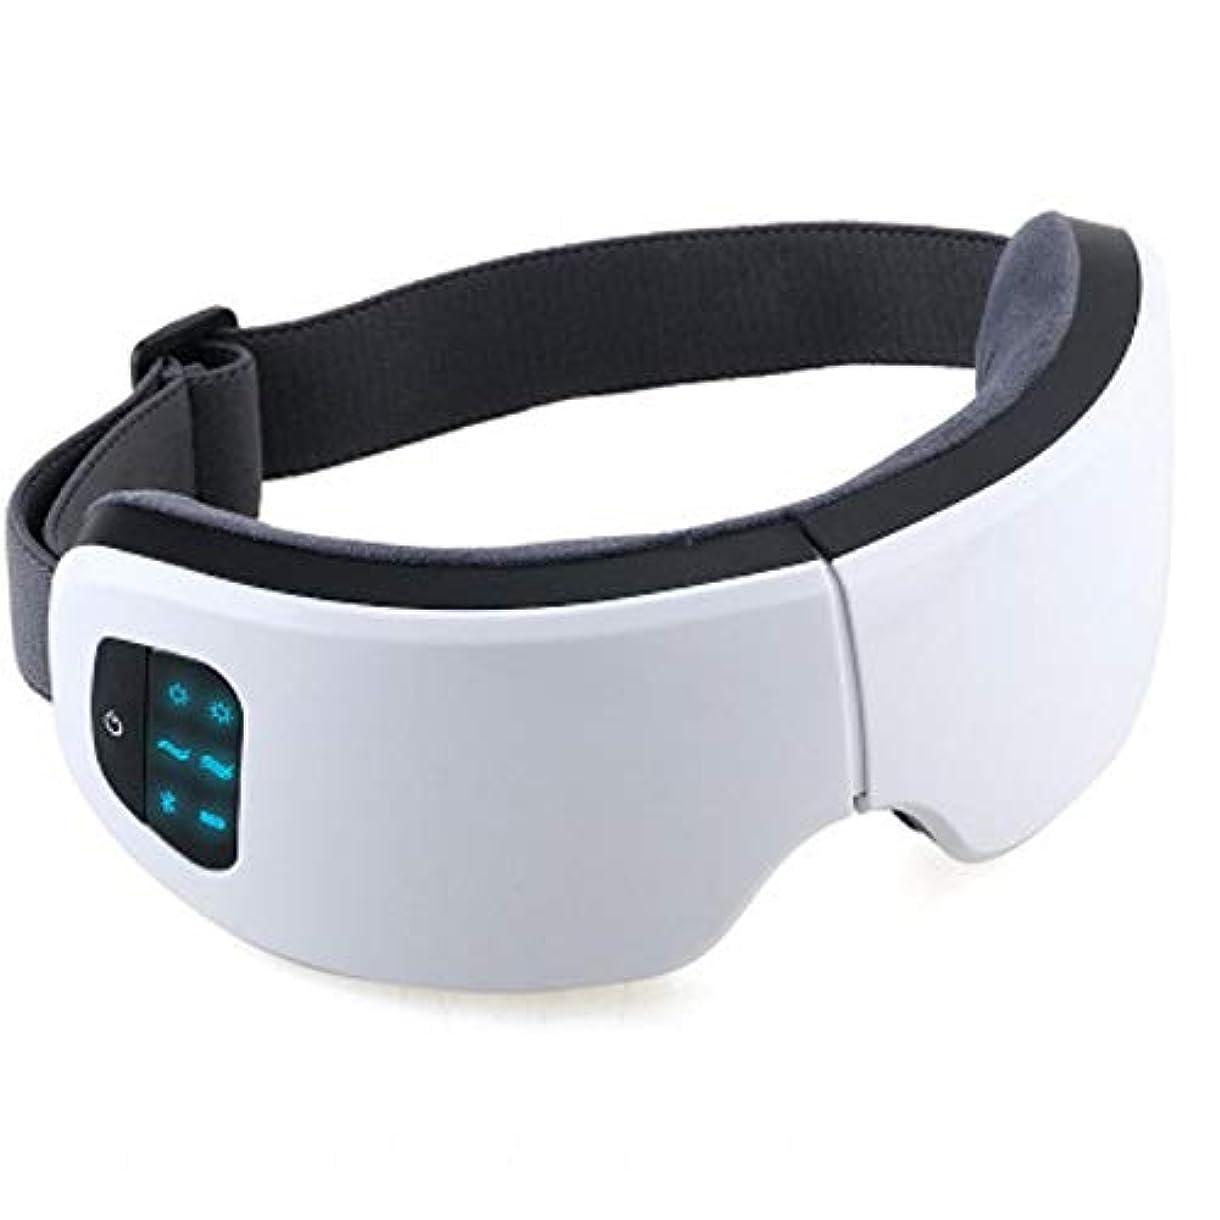 グローバル放棄口Meet now 高度の目のマッサージャー、暖房モードの無線再充電可能な折る目のマッサージャー 品質保証